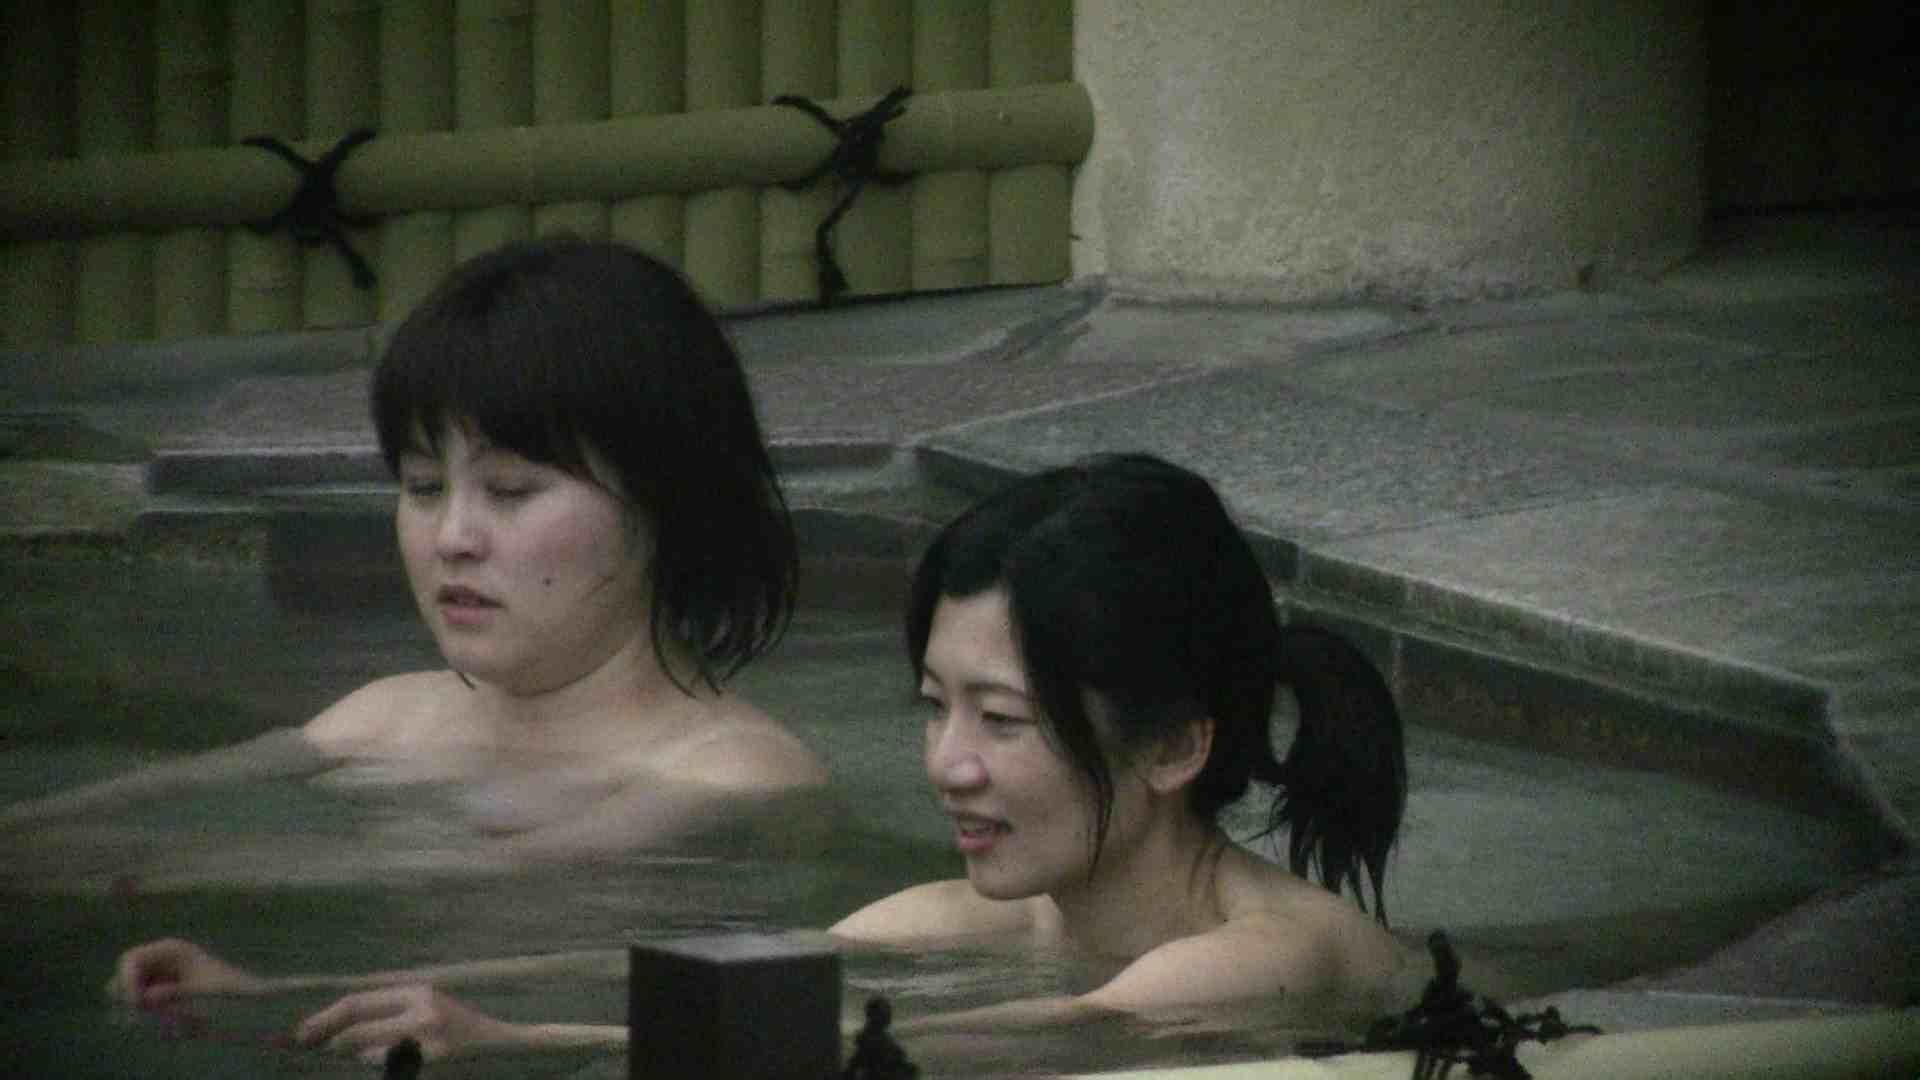 Aquaな露天風呂Vol.539 女体盗撮 隠し撮りおまんこ動画流出 88連発 35